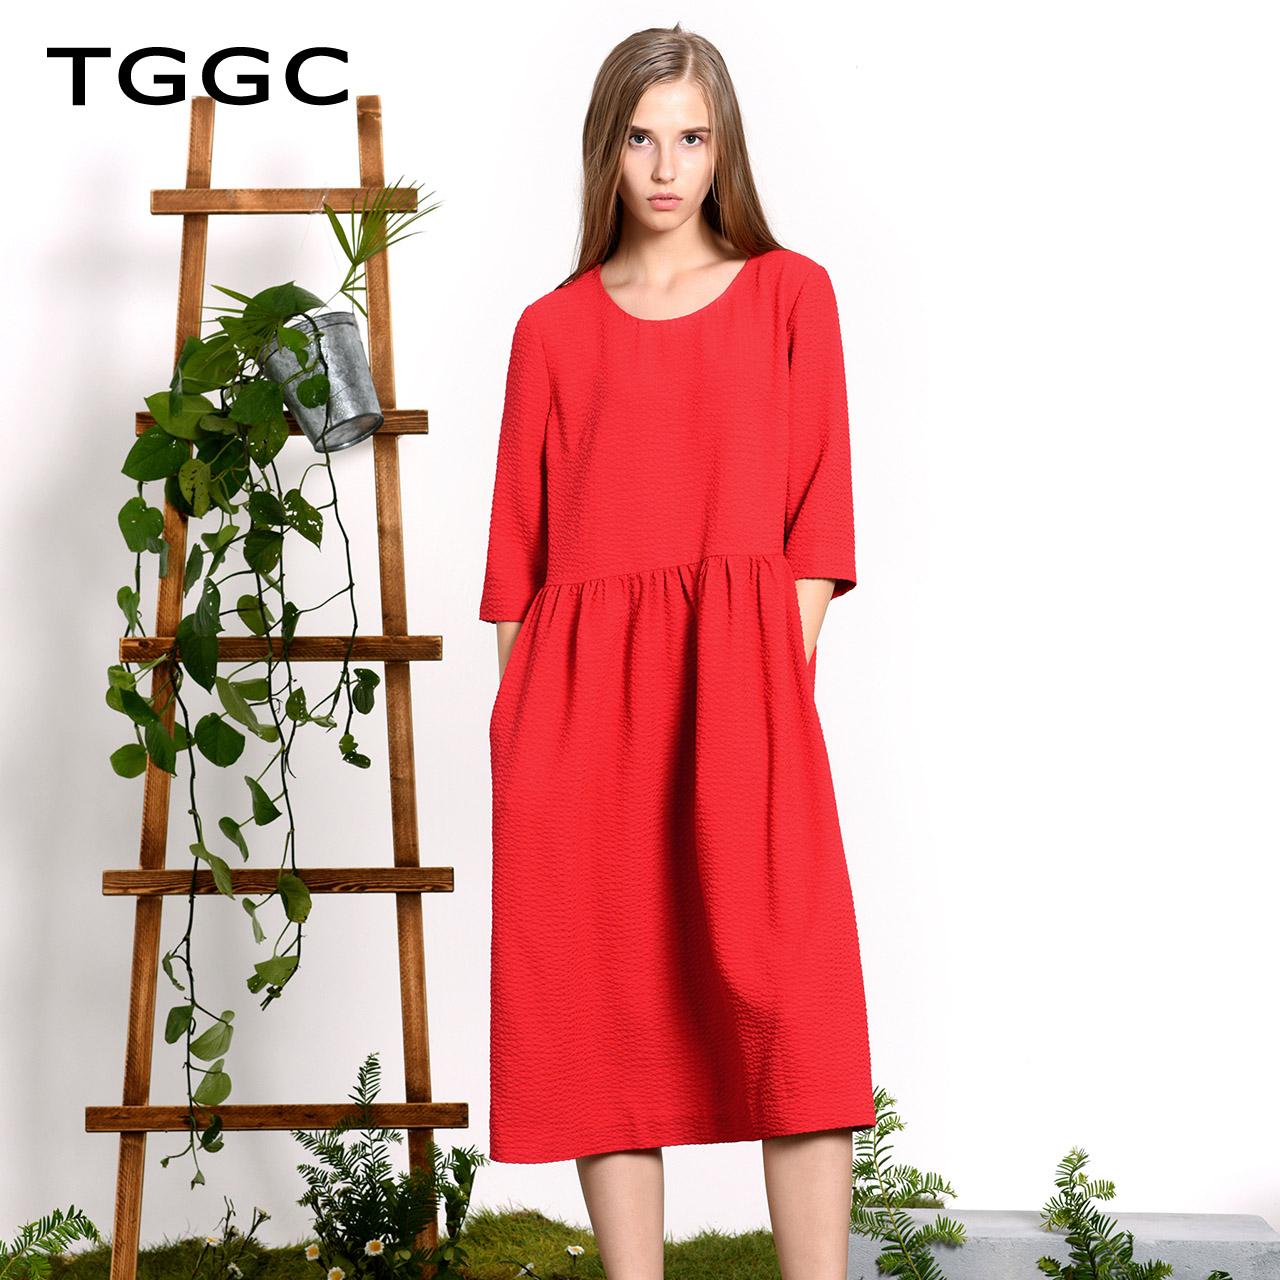 TGGC 2018年春装新款 通勤宽松中长裙七分袖褶皱高腰连衣裙F21882